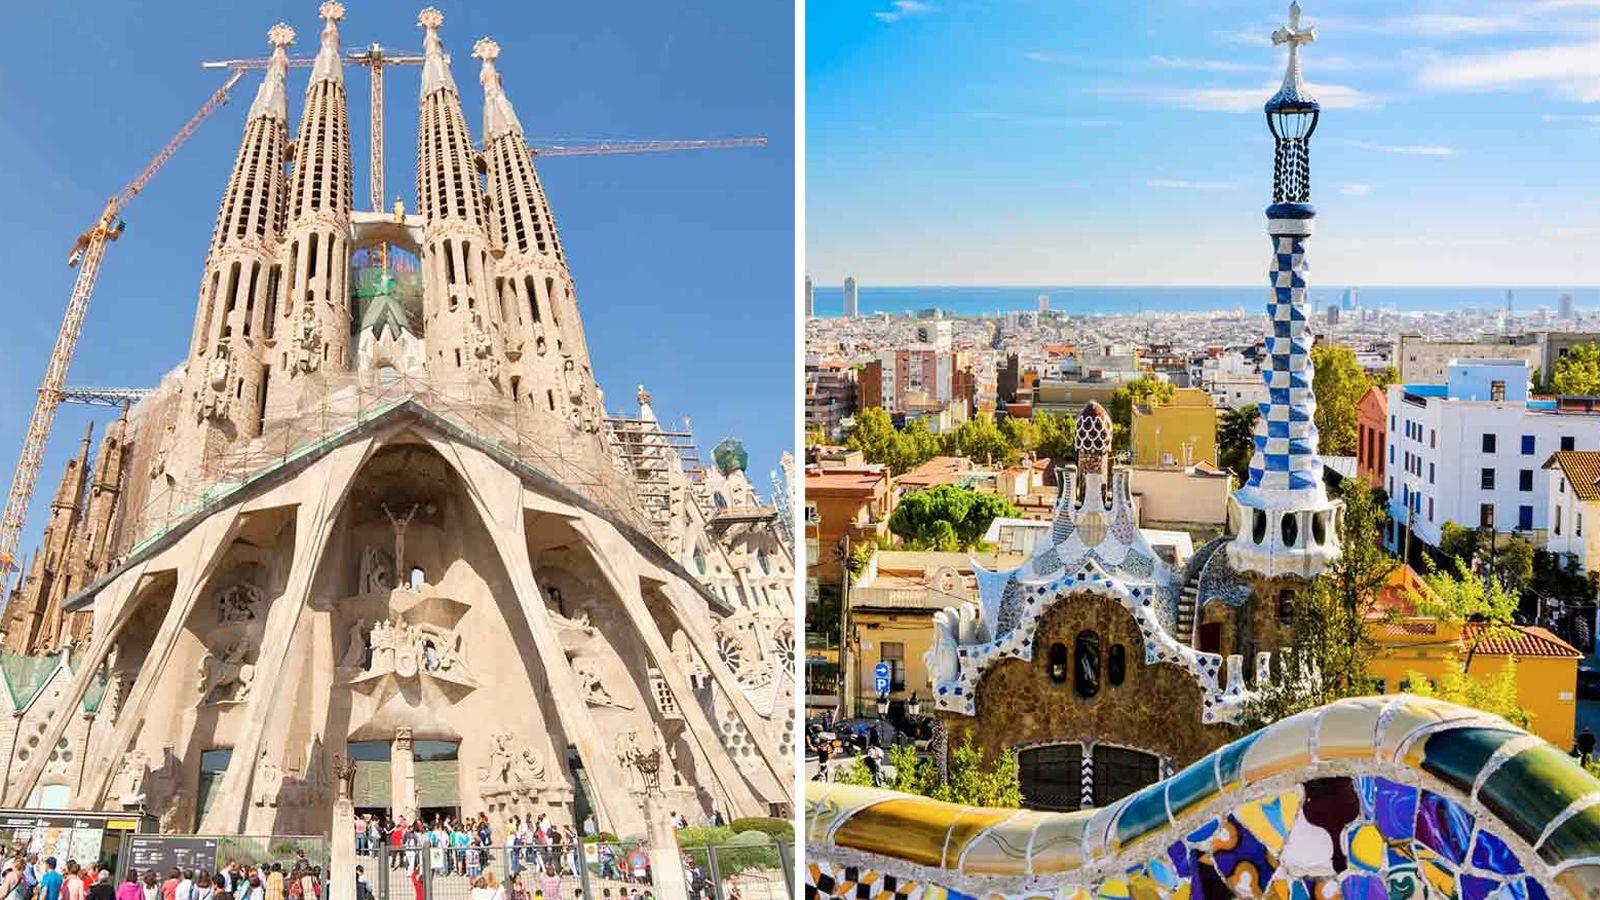 Fast track: Rundvisning i Parque Güell og Sagrada Família med tårnene